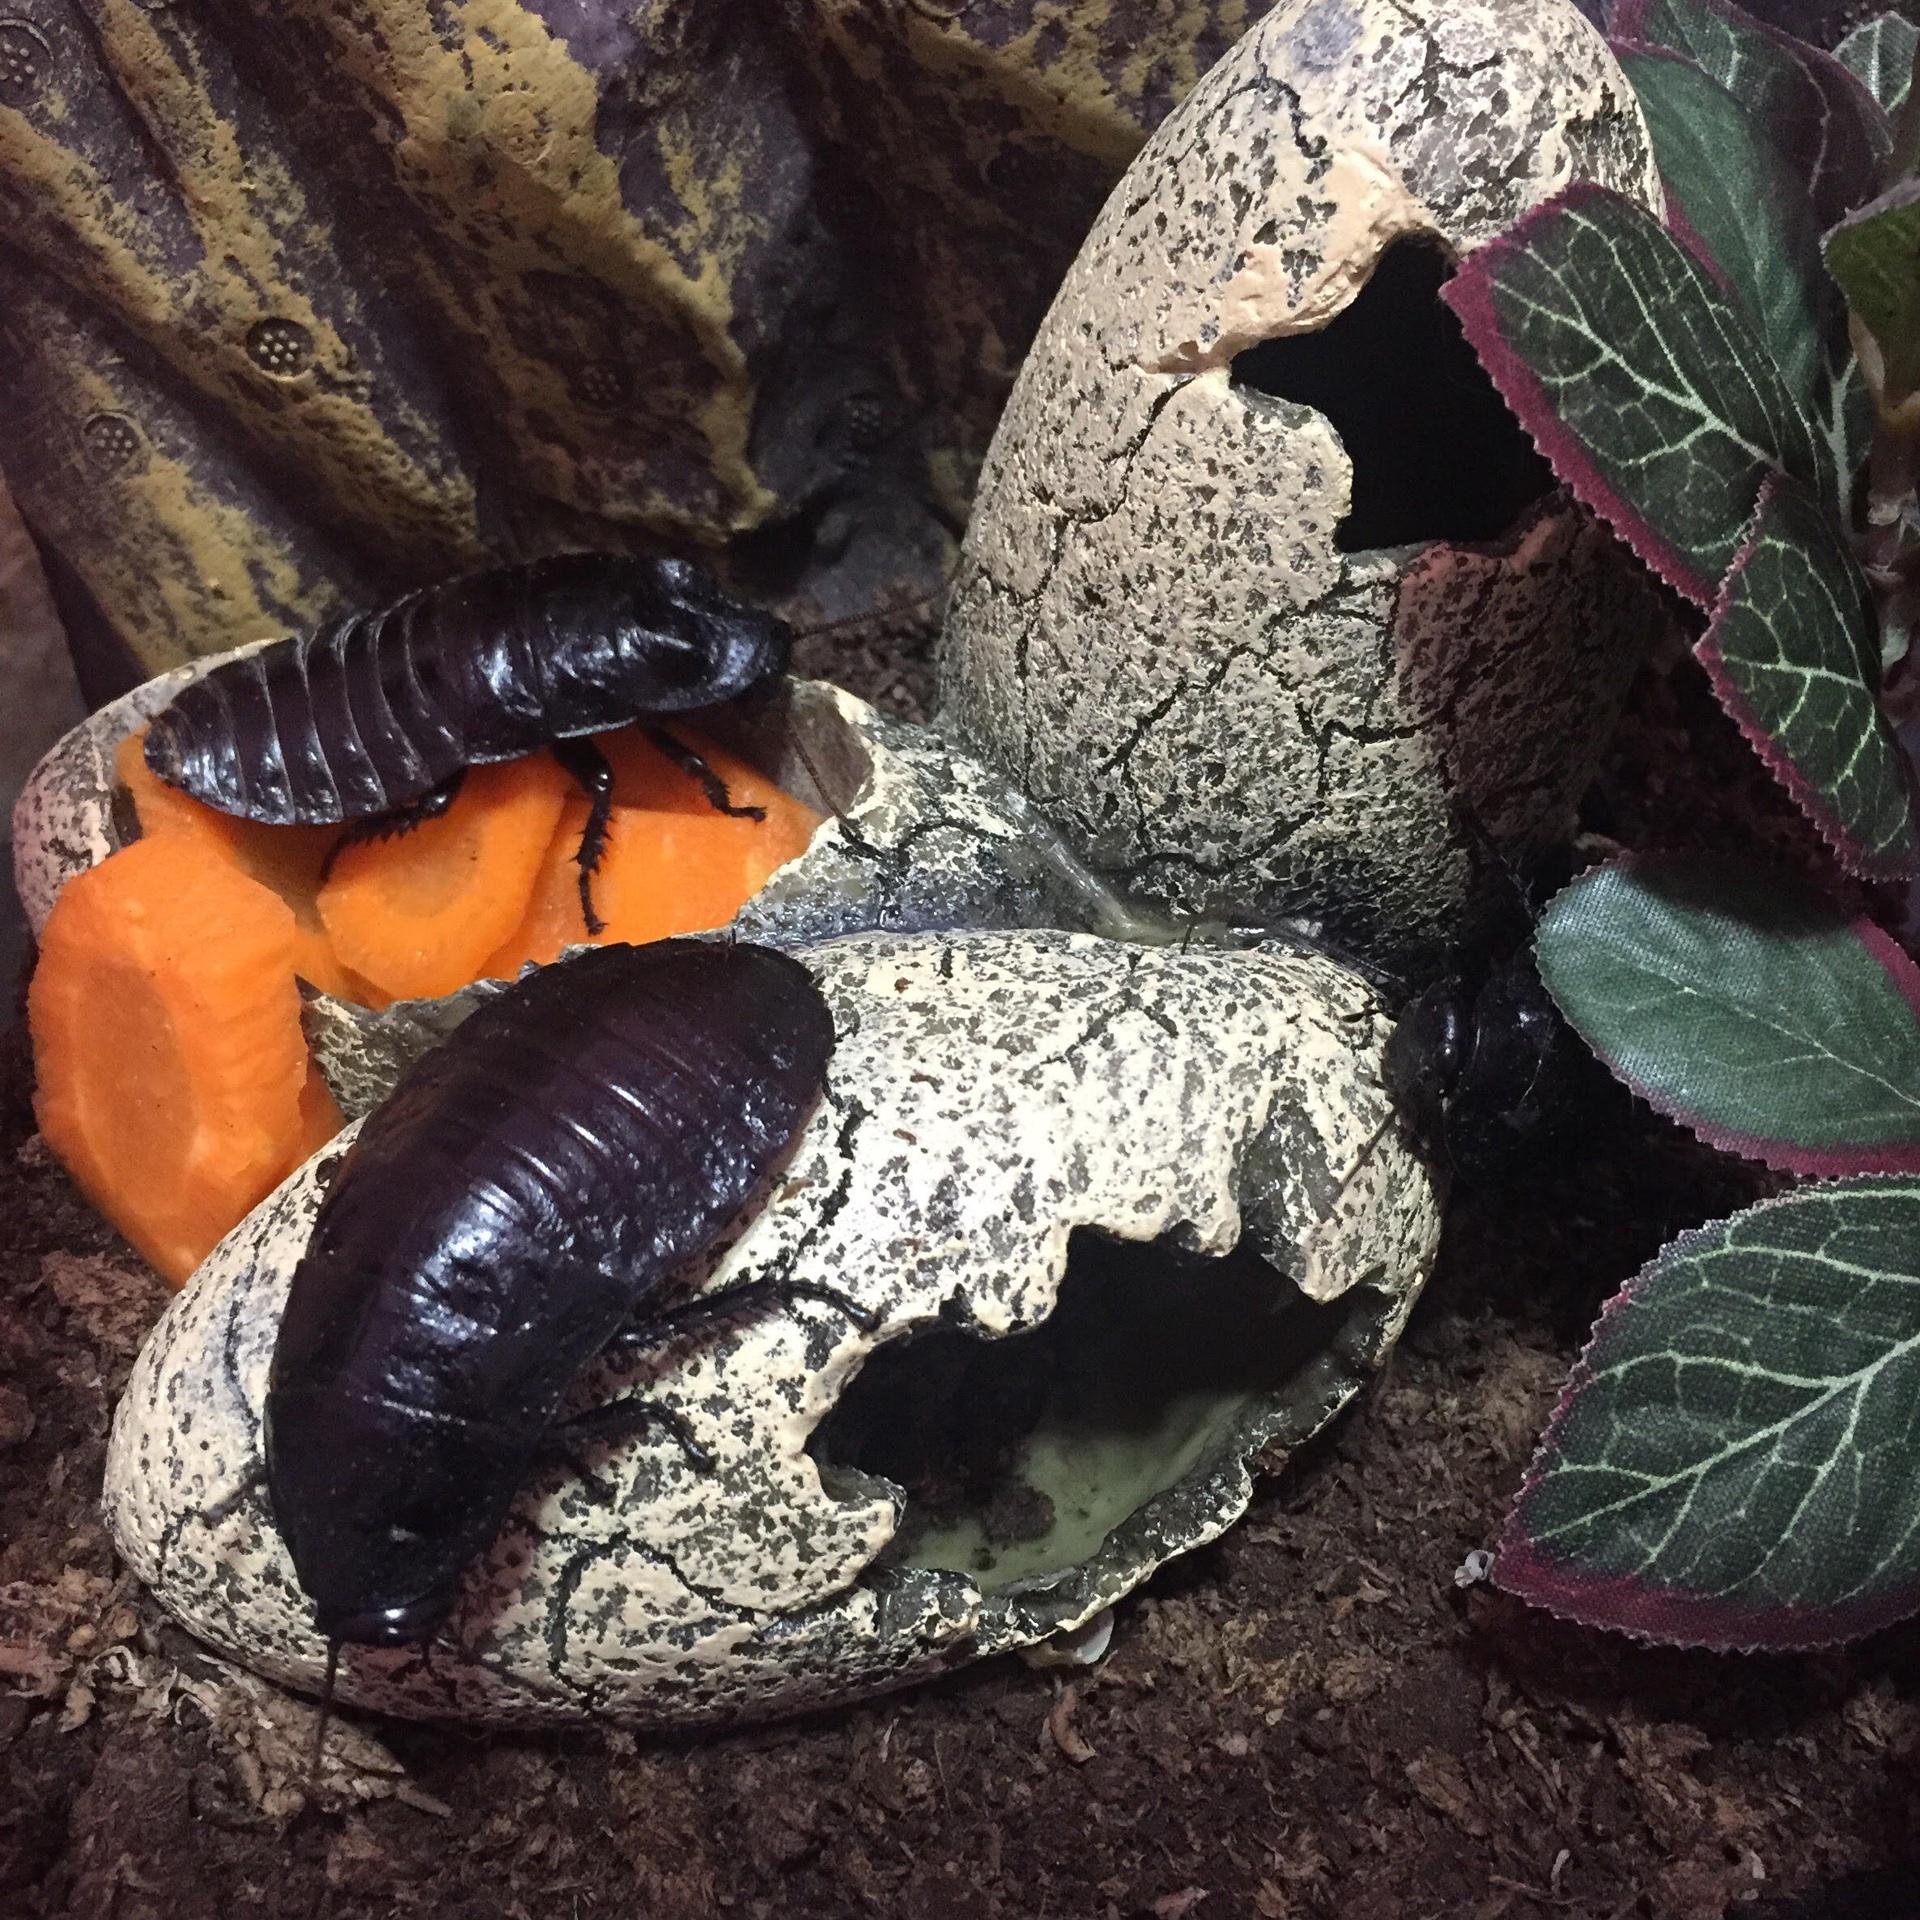 Son de clima tropical por lo que necesitan una temperatura mínima de 25 grados para poder reproducirse. Estas mascotas viven en un pecera de de 60×40 con turba, hojas secas, cuevas y plantas artificiales